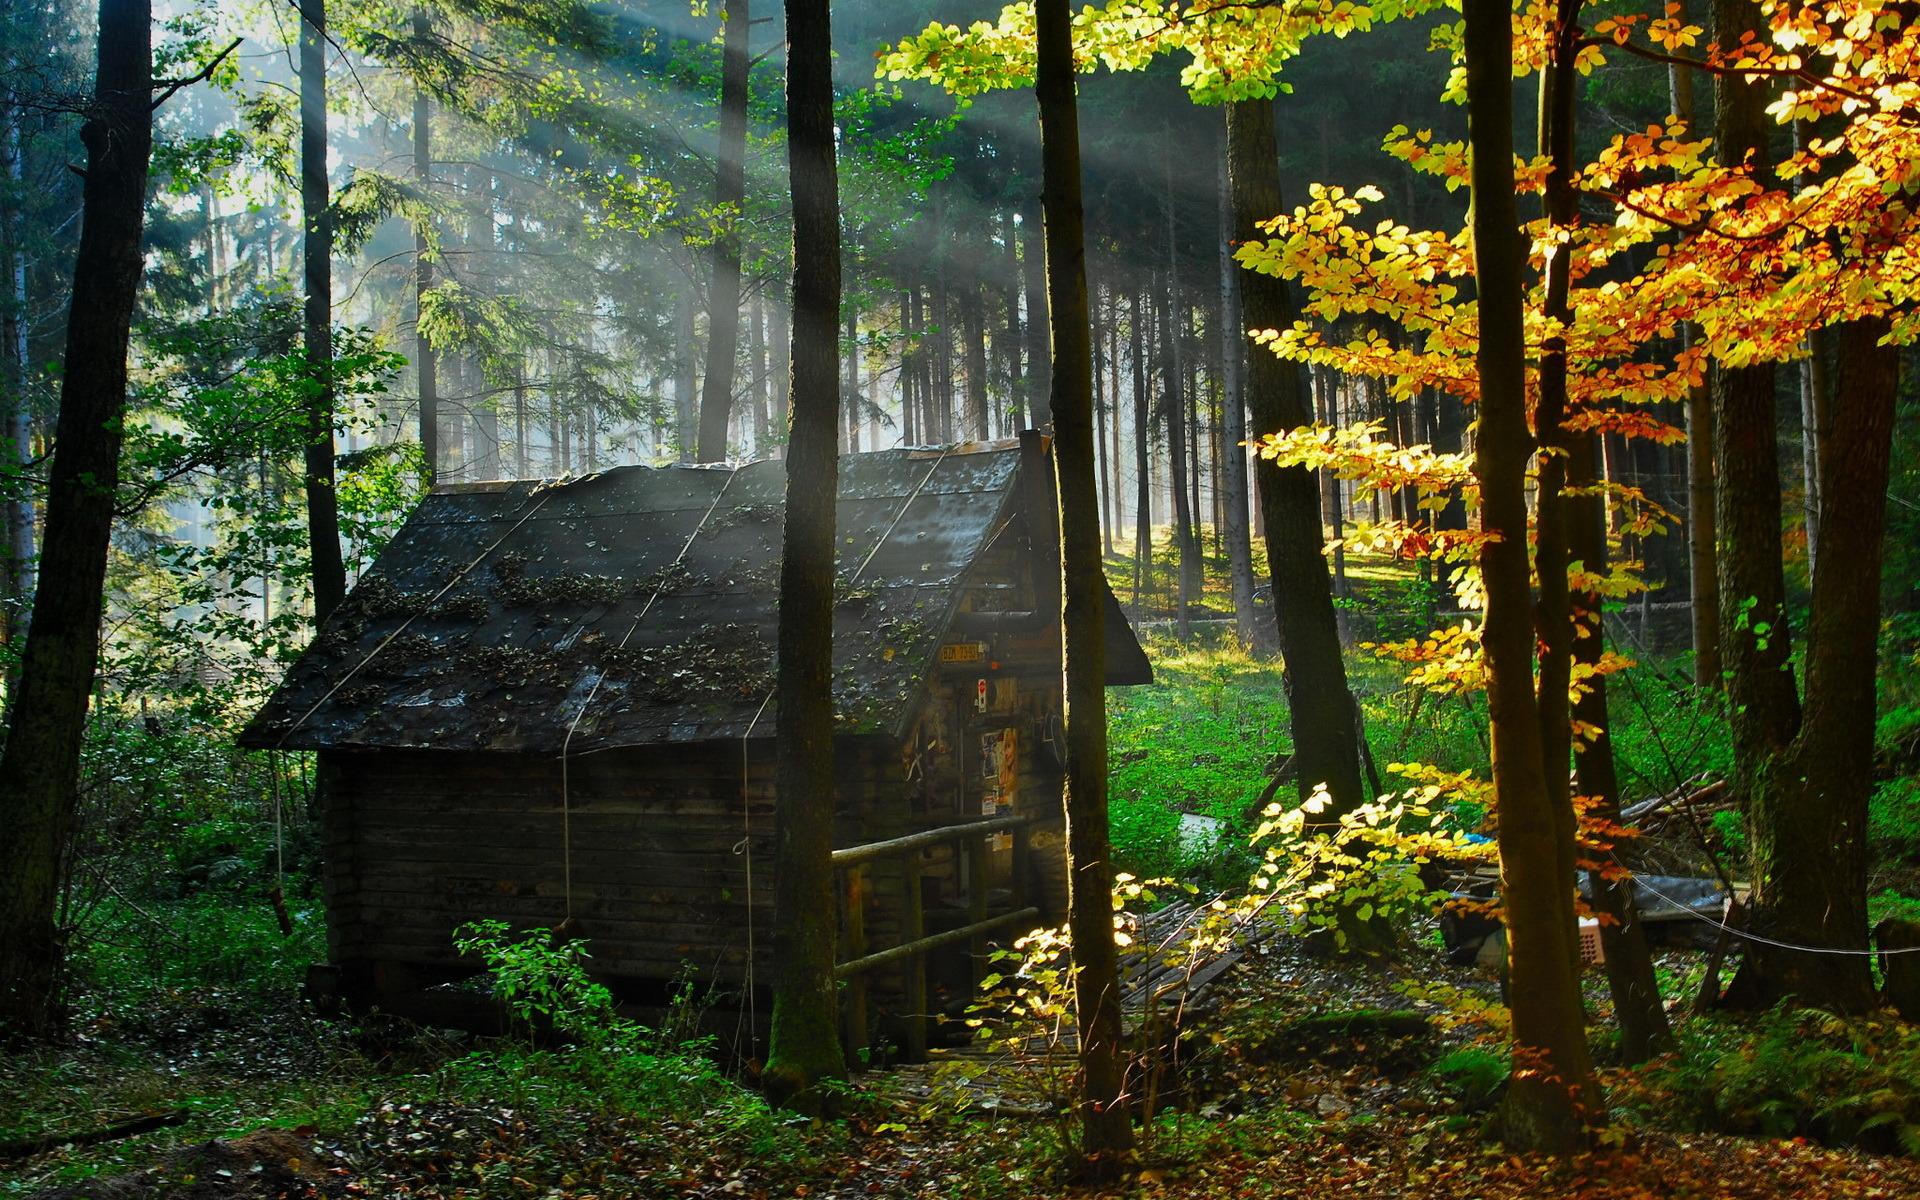 природа отдых дом деревья  № 254089 бесплатно